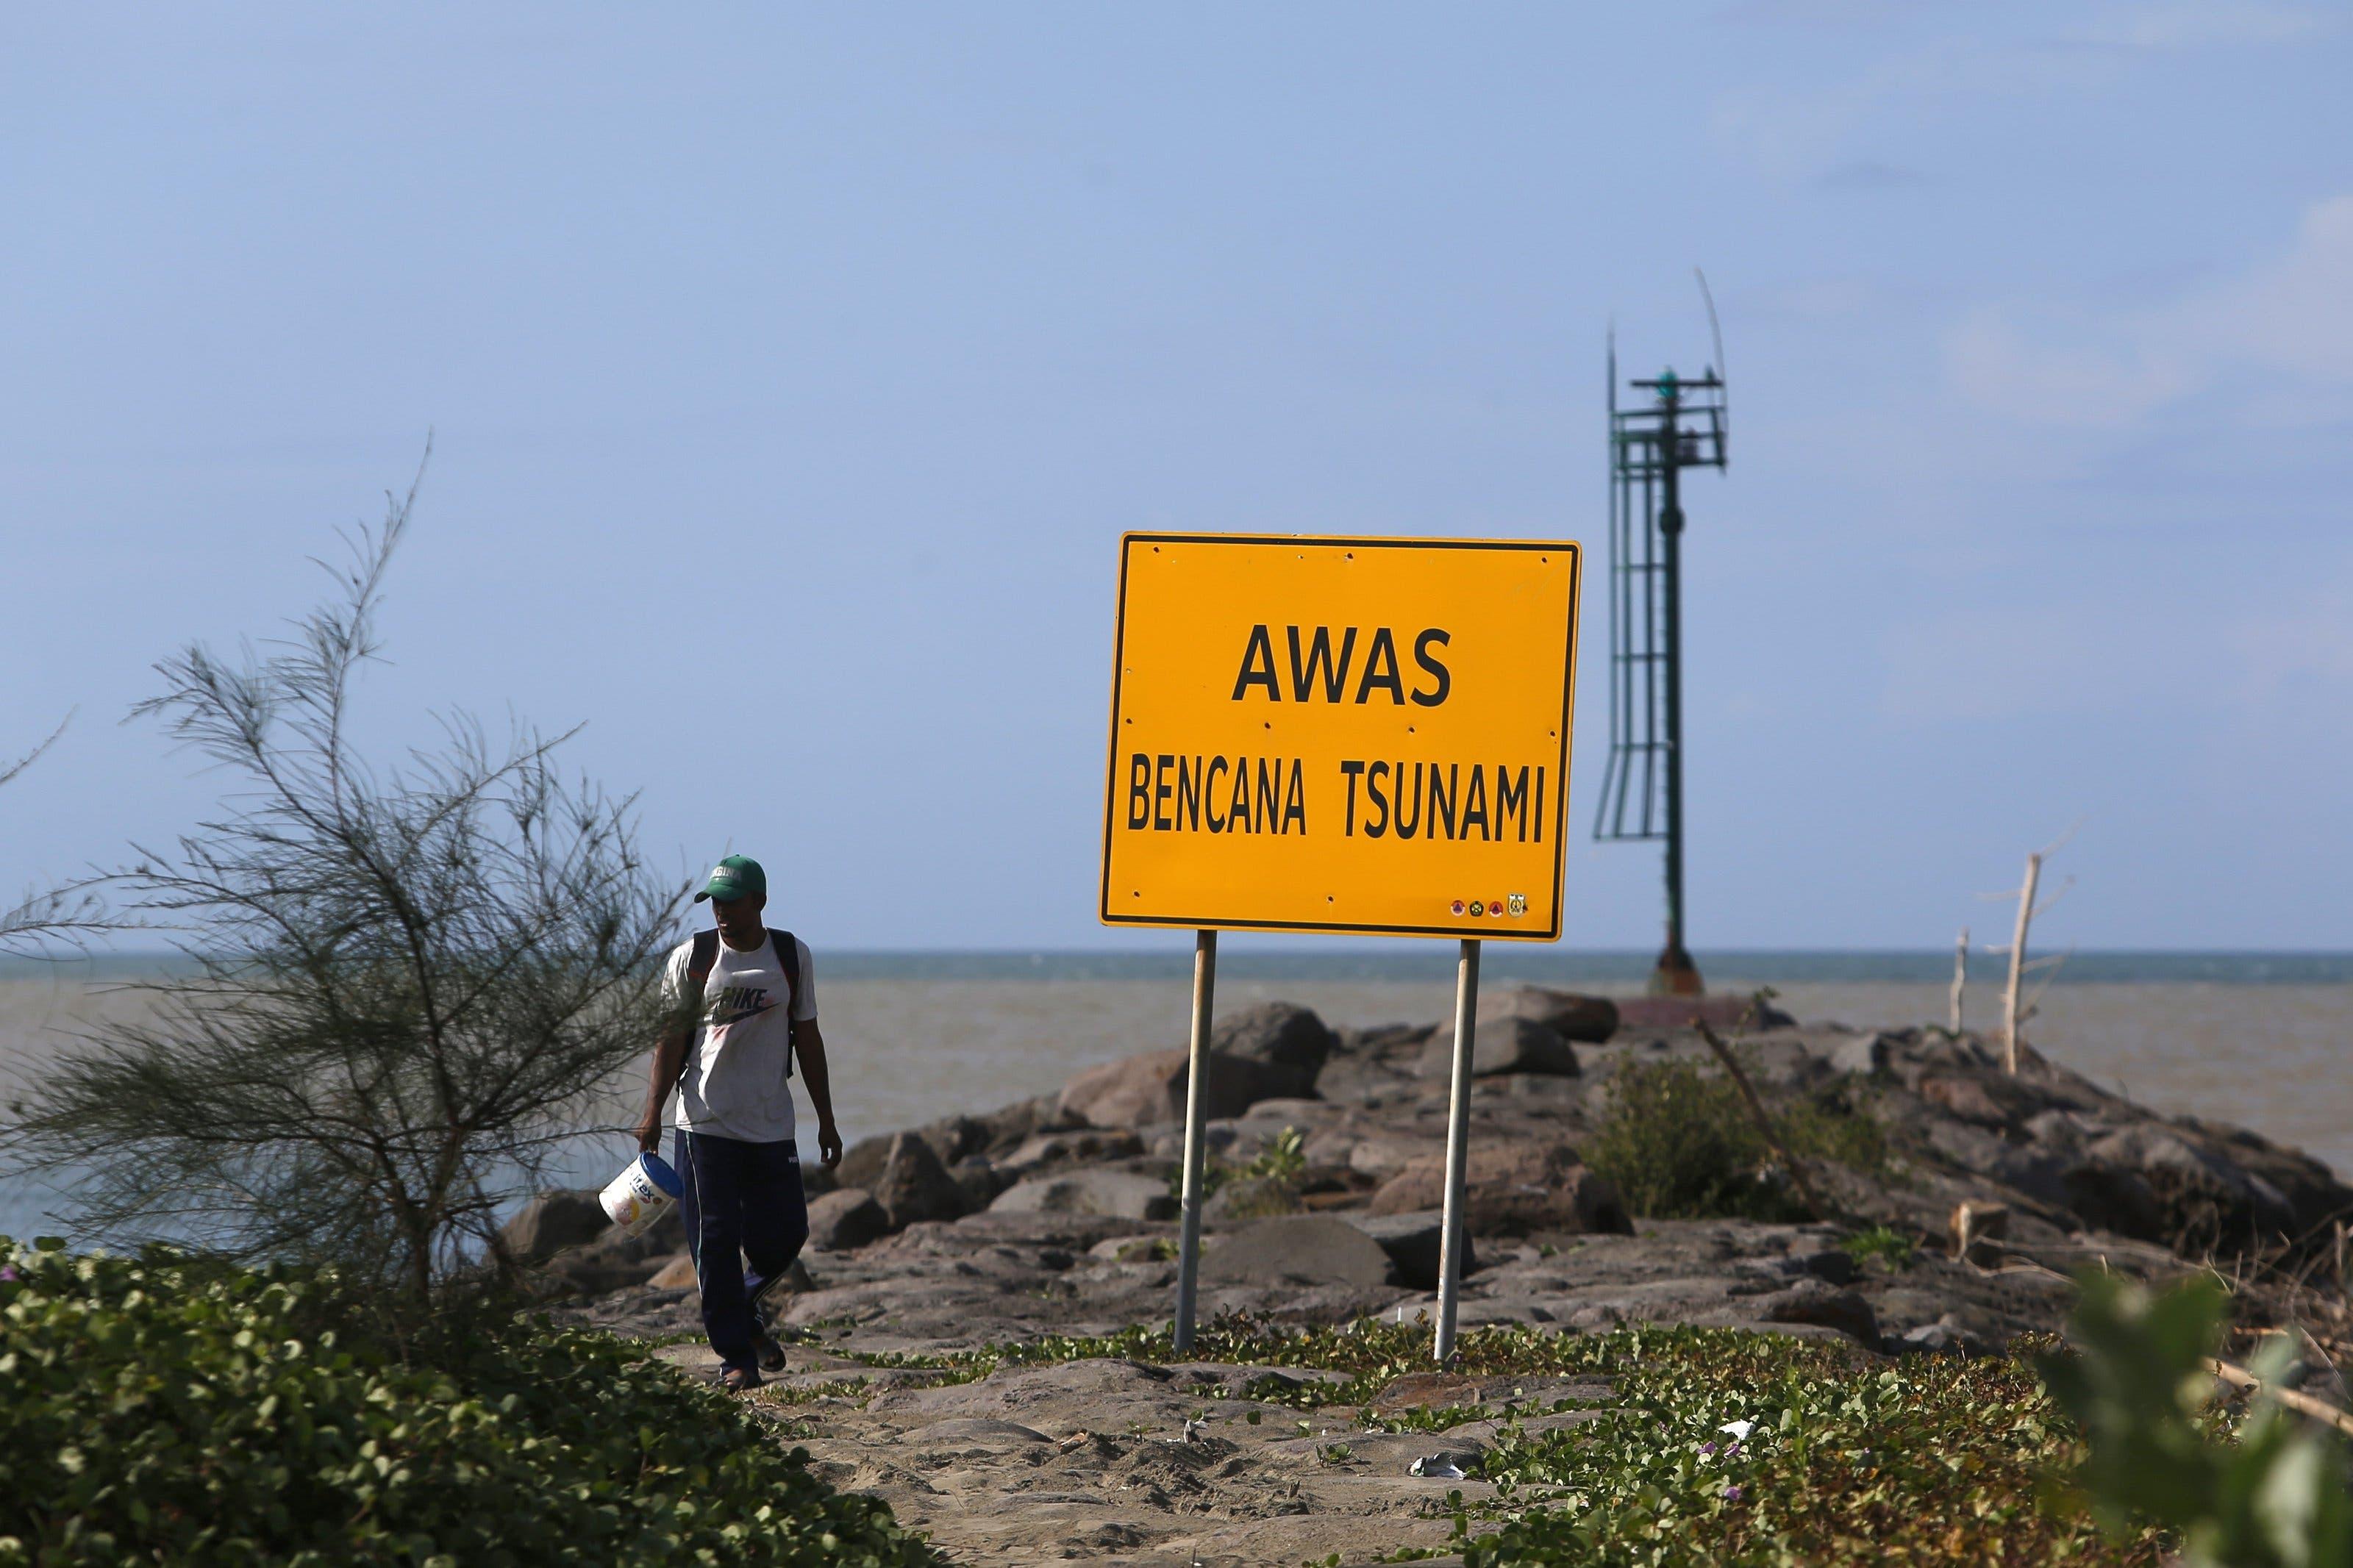 Das Leben in Banda Aceh auf Indonesien 15 Jahre nach dem Tsunami. (Bild: Keystone)